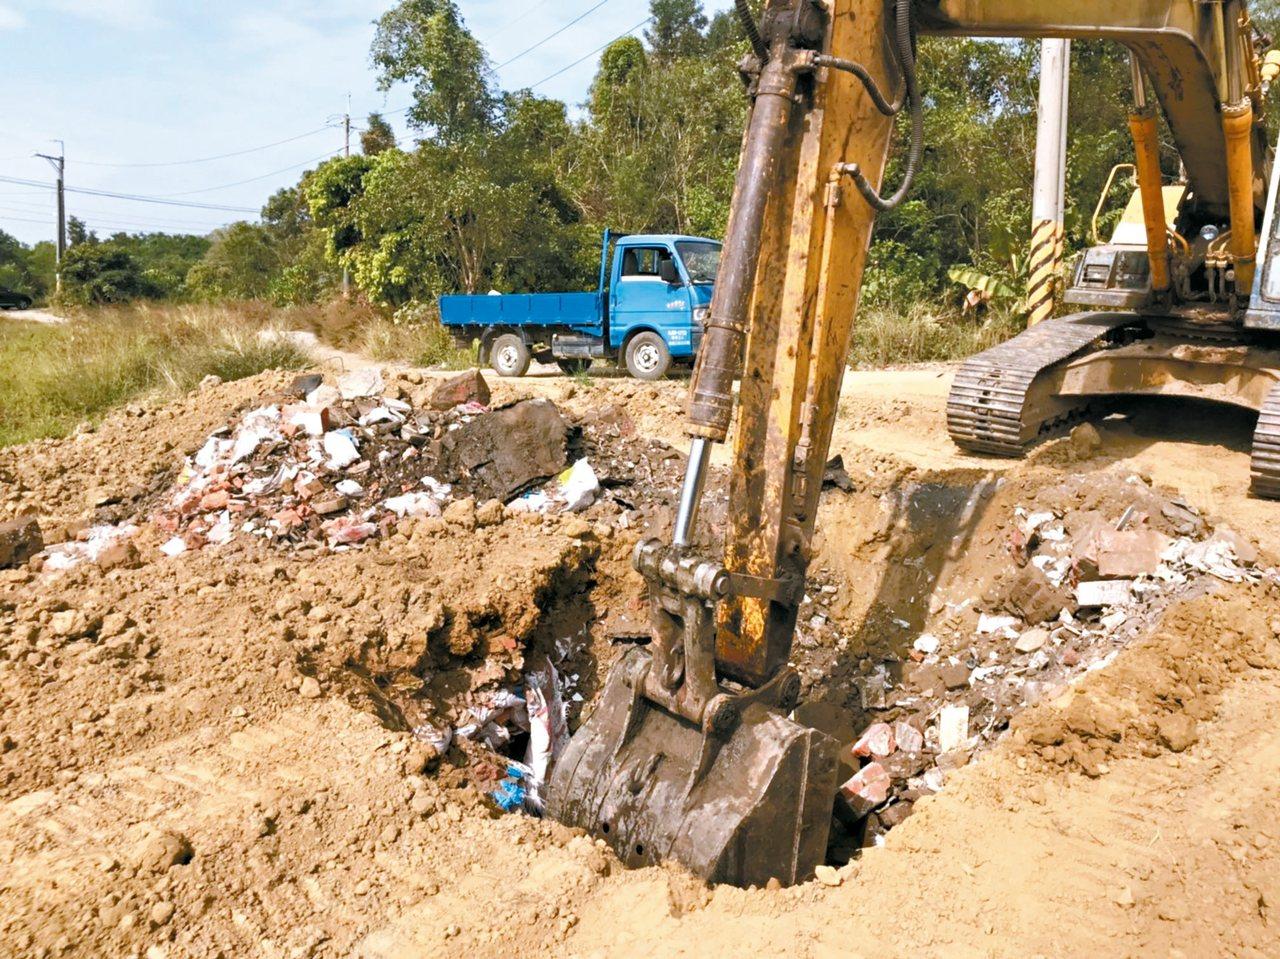 嘉義縣太保市魚寮遺址旁的一塊農地,被檢舉非法掩埋廢棄物,挖土機挖不到一米深,就看...